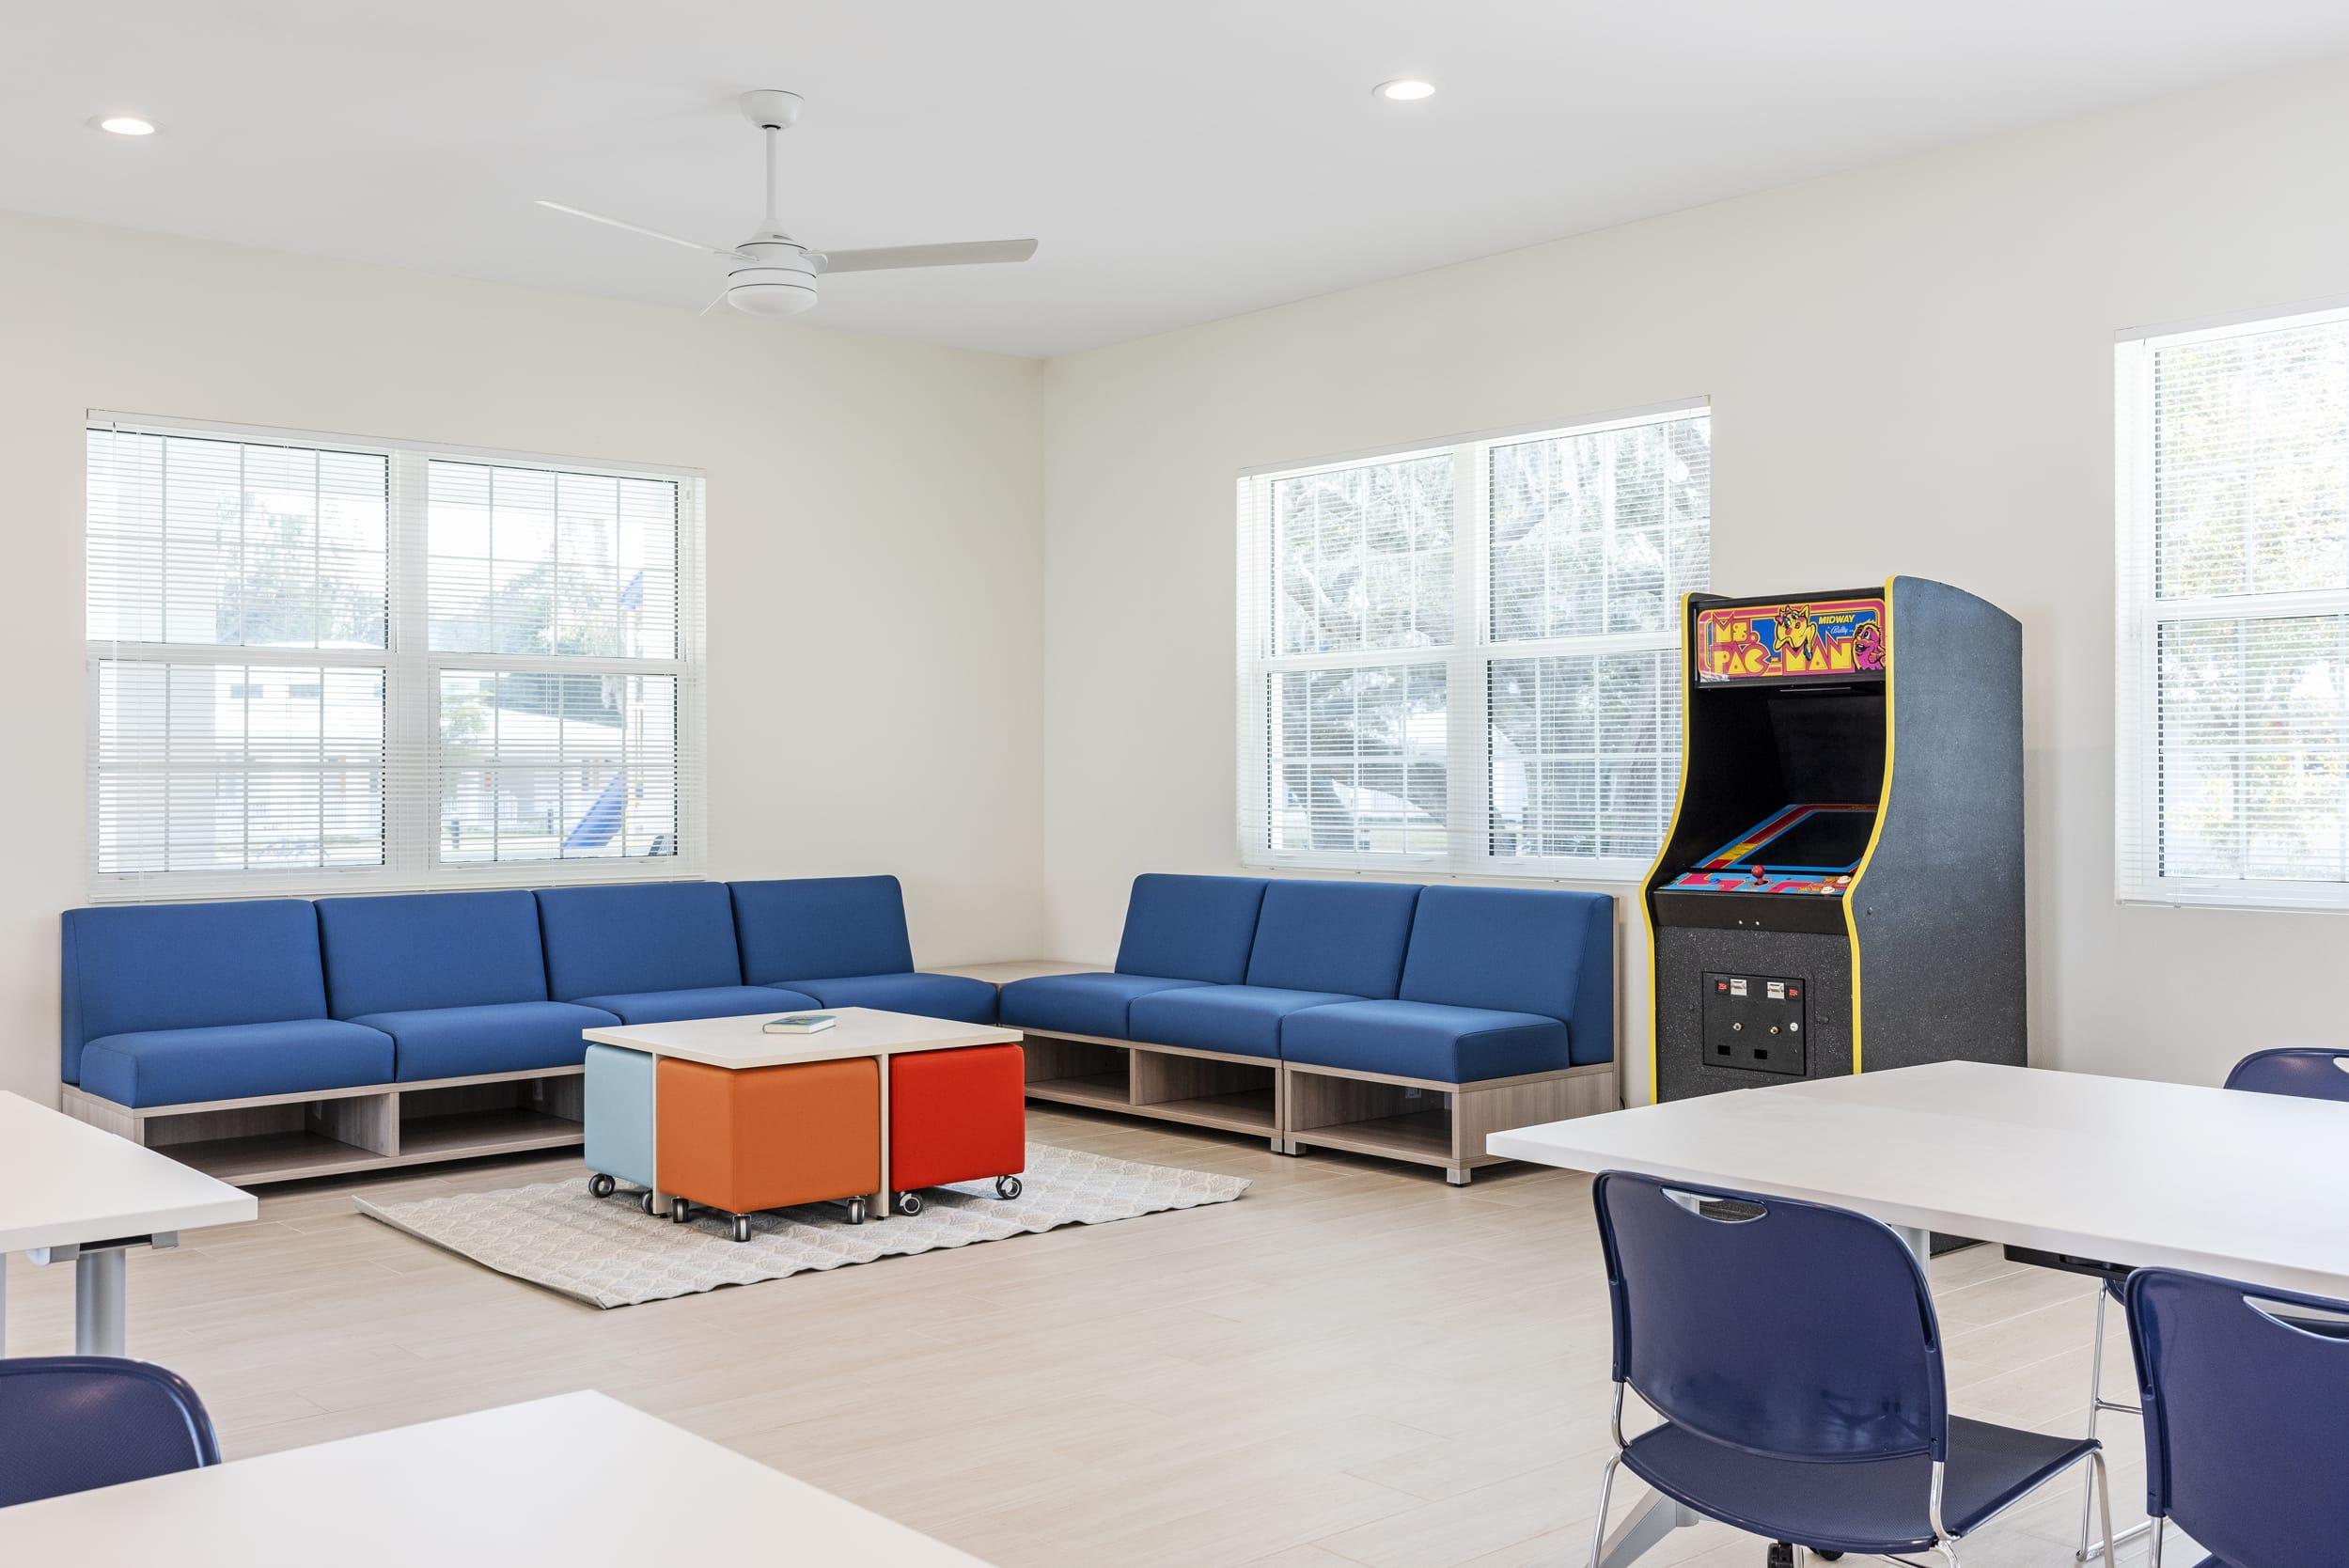 Games Room Blue Cushion Chairs Pac Man Arcade Machine